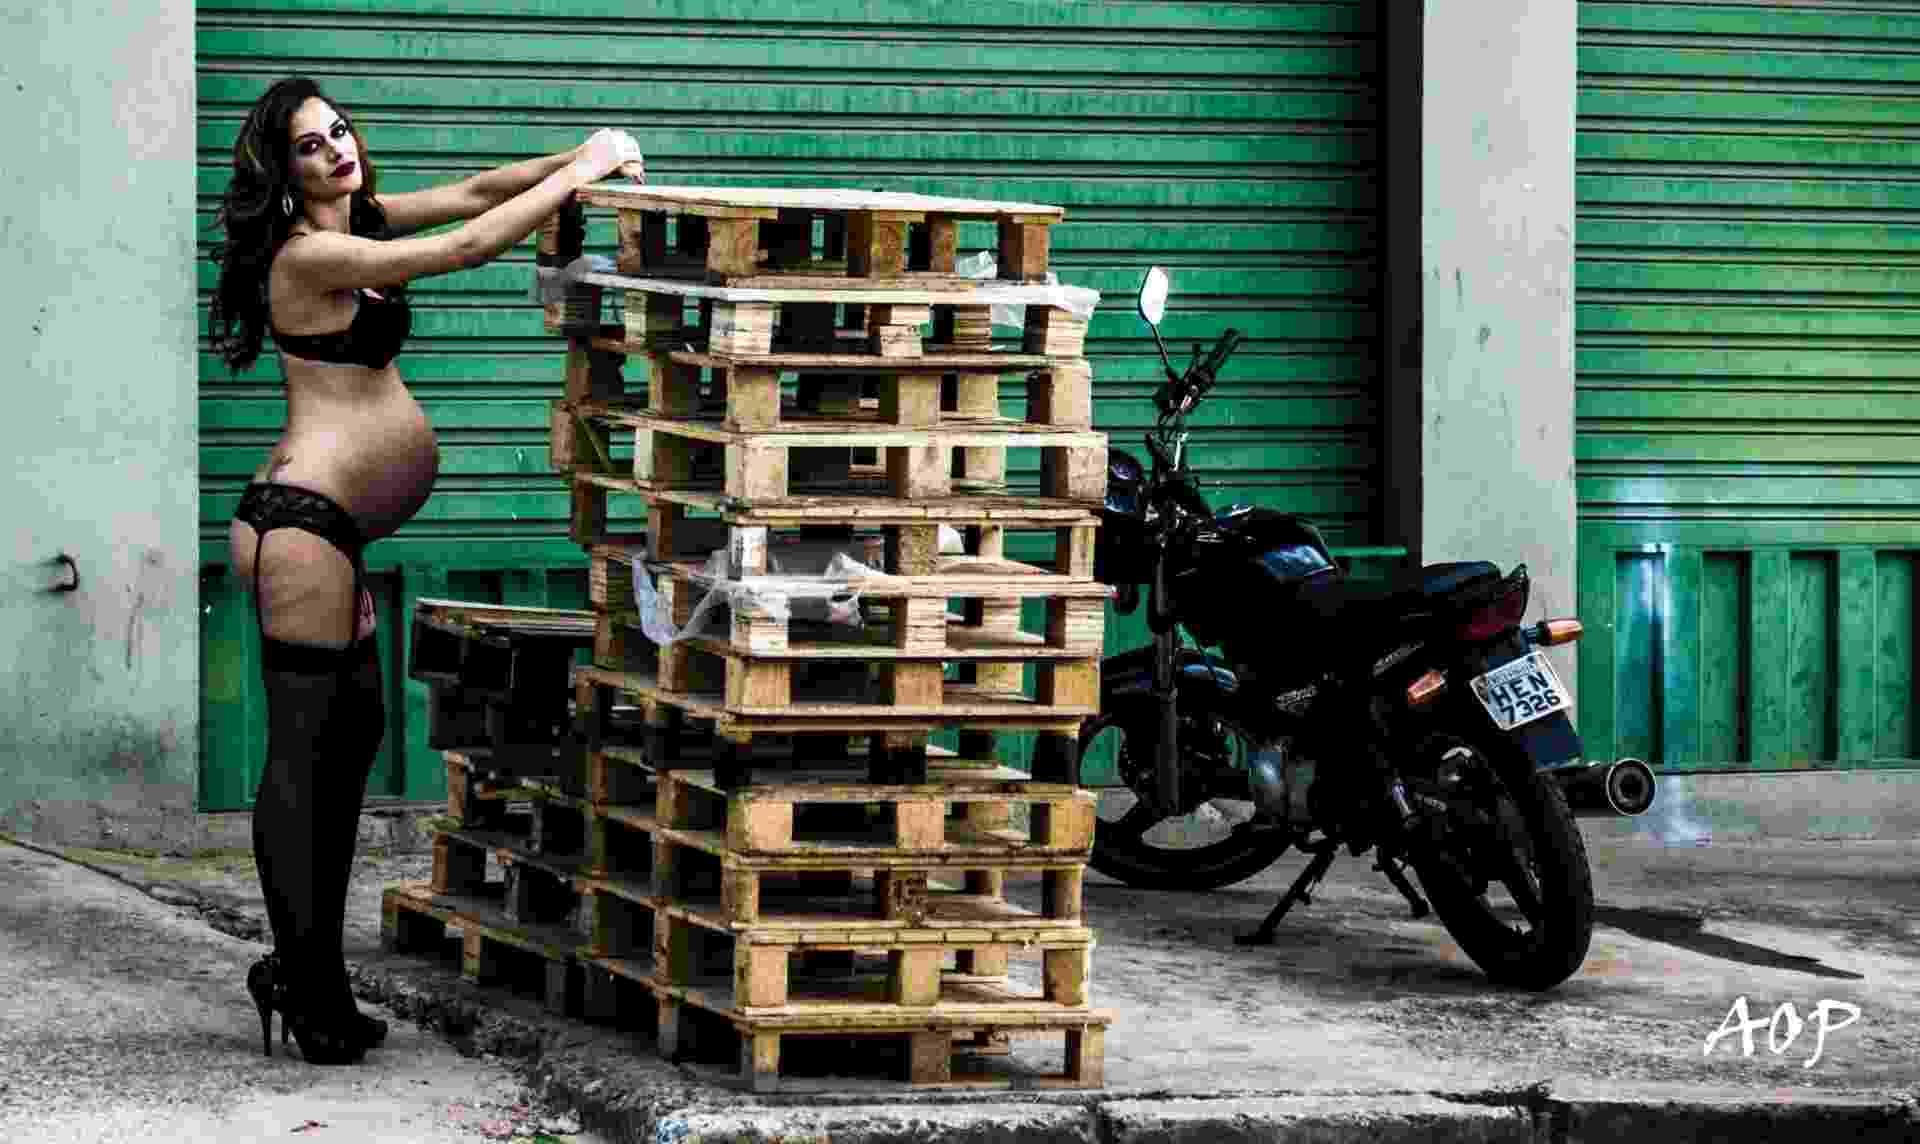 Batom vermelho, lingerie, salto alto e cinta liga... Foi assim que Paola e o marido, o fotógrafo Alexandre Périgo, decidiram fotografar a futura mãe antes da chegada do filho do casal. As fotos foram feitas por ele e as locações escolhidas foram galpões e ruas de Belo Horizonte (MG) - Reprodução/ Facebook/ Alexandre Périgo